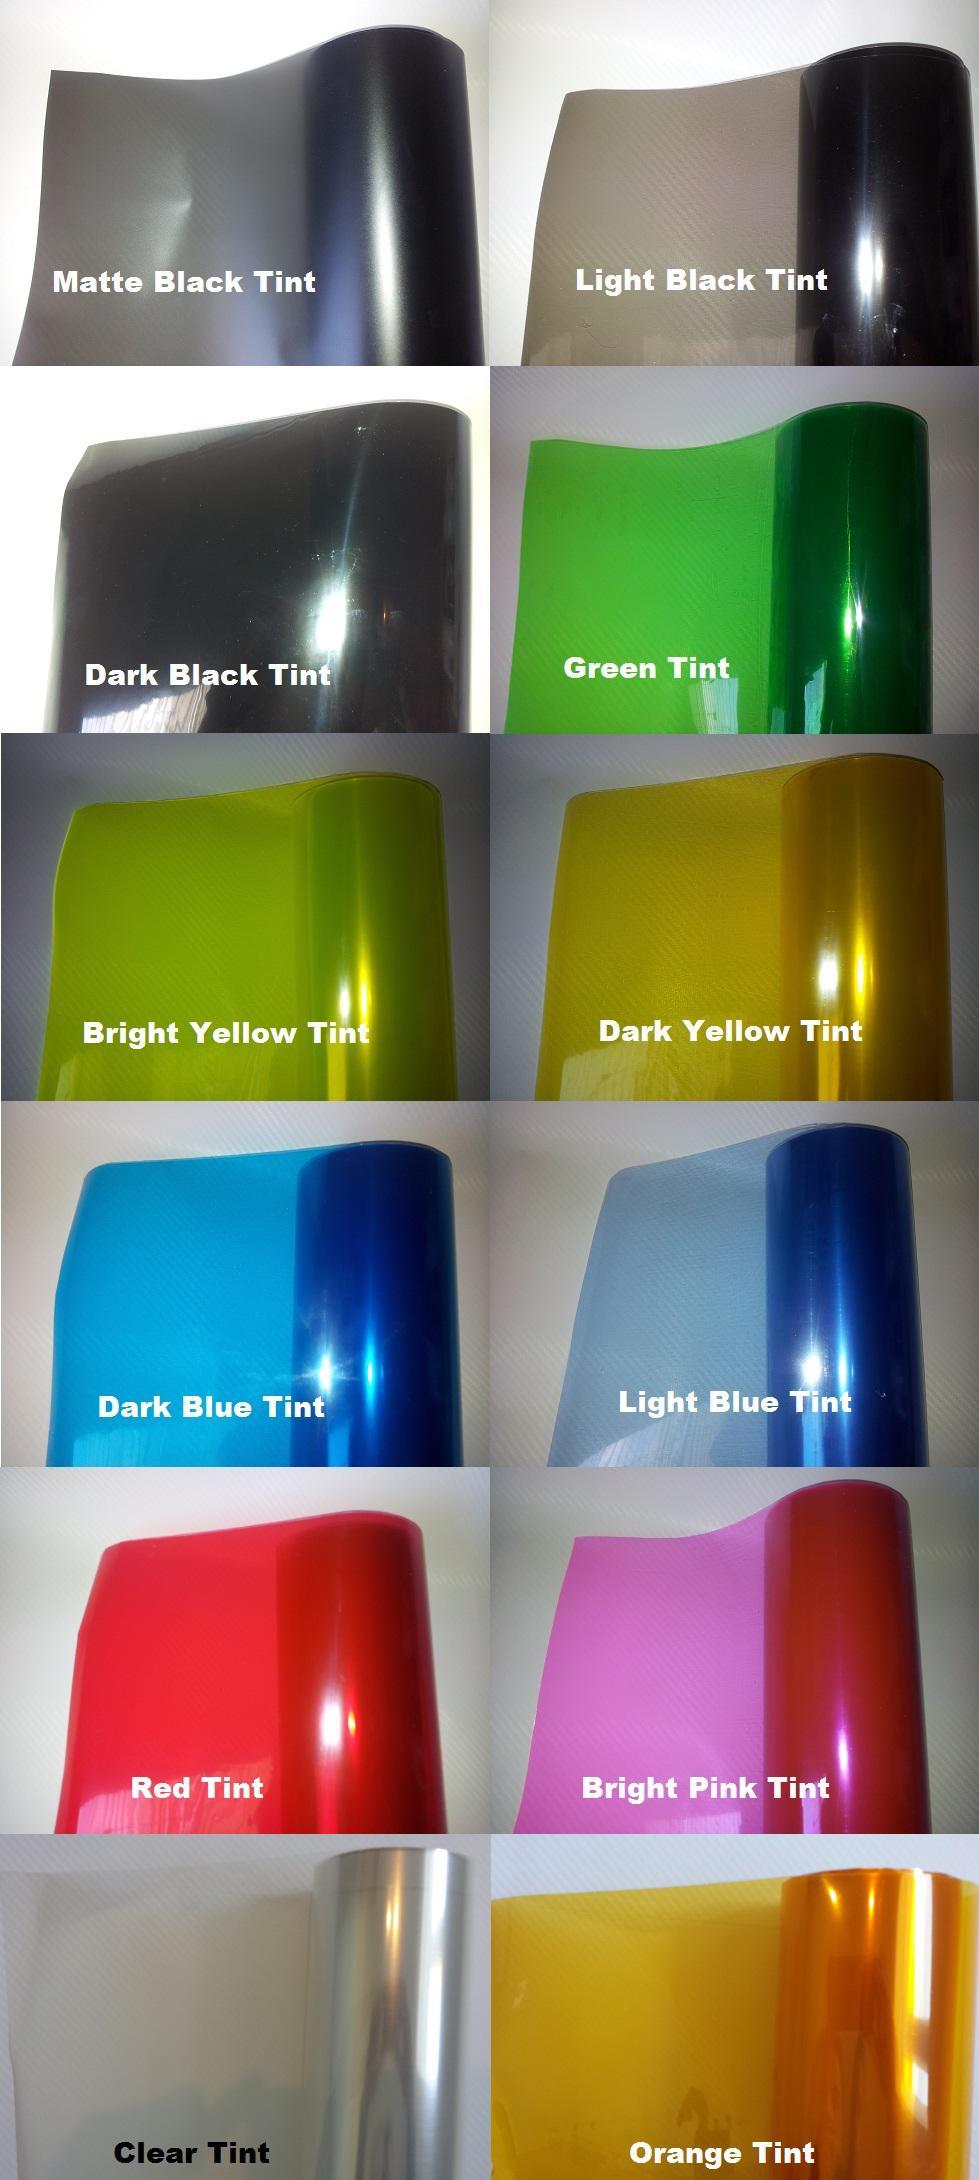 ヘッドライトテイレイトフォグライトフィルムビニールラップヘッドランプ着色ステッカー様々な色0.3M x 10メートル/ロール無料発送